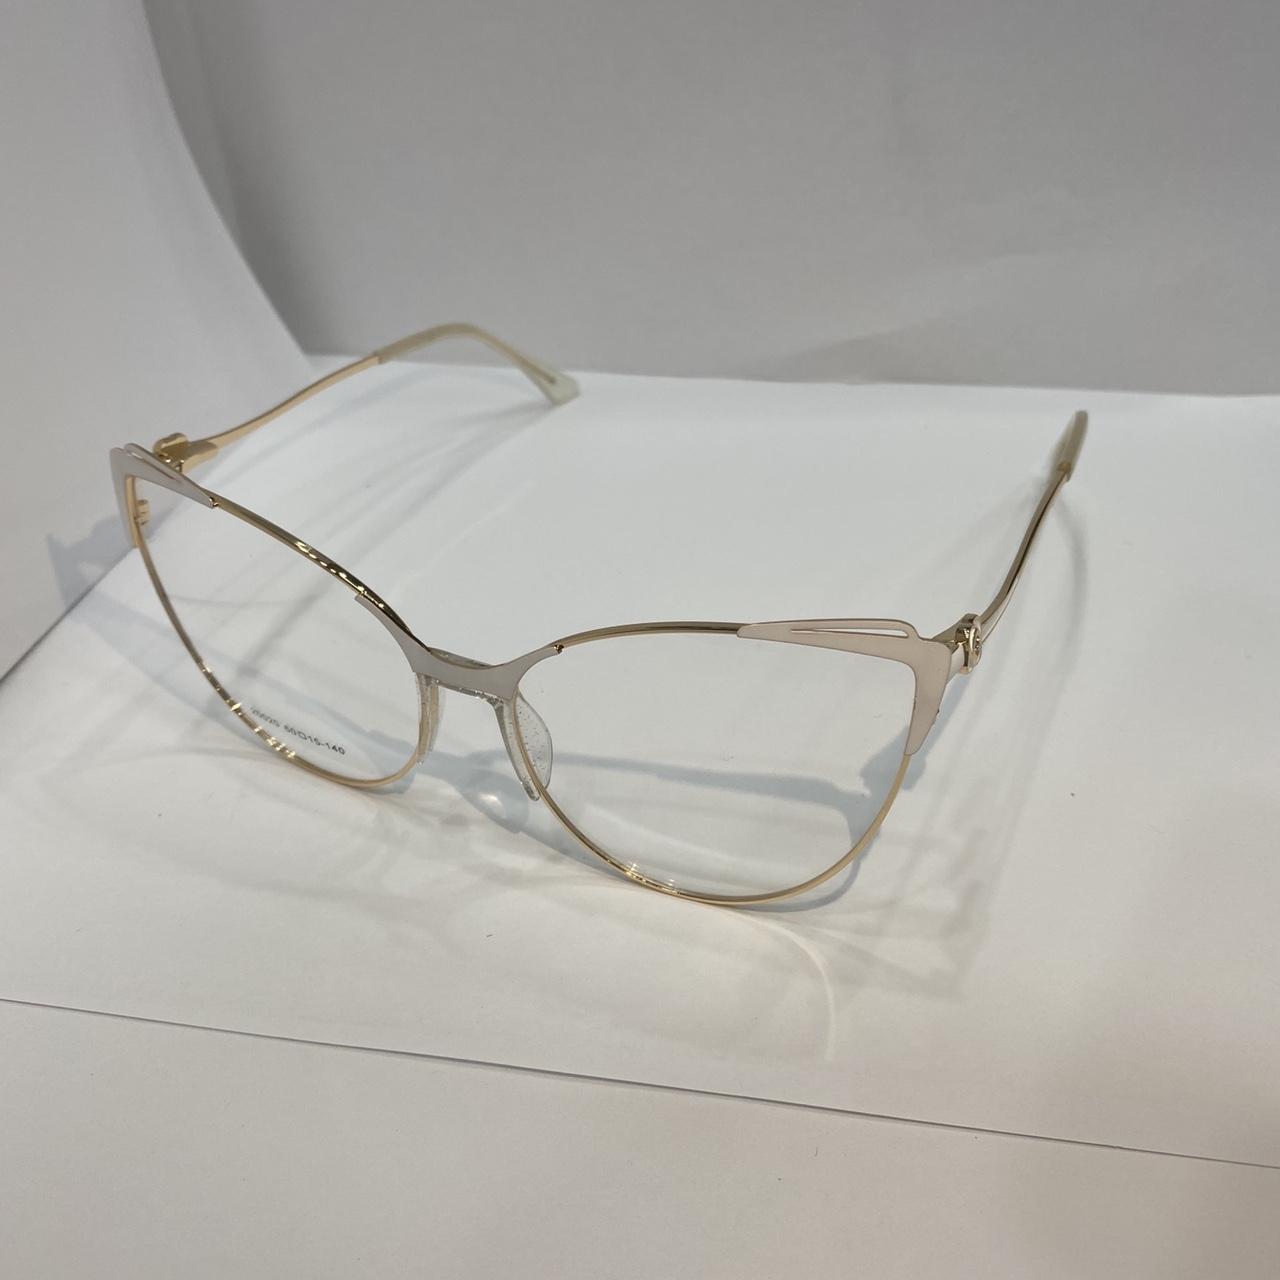 眼镜女款金属白色 多色可选Female glasses metallic white multicolor option